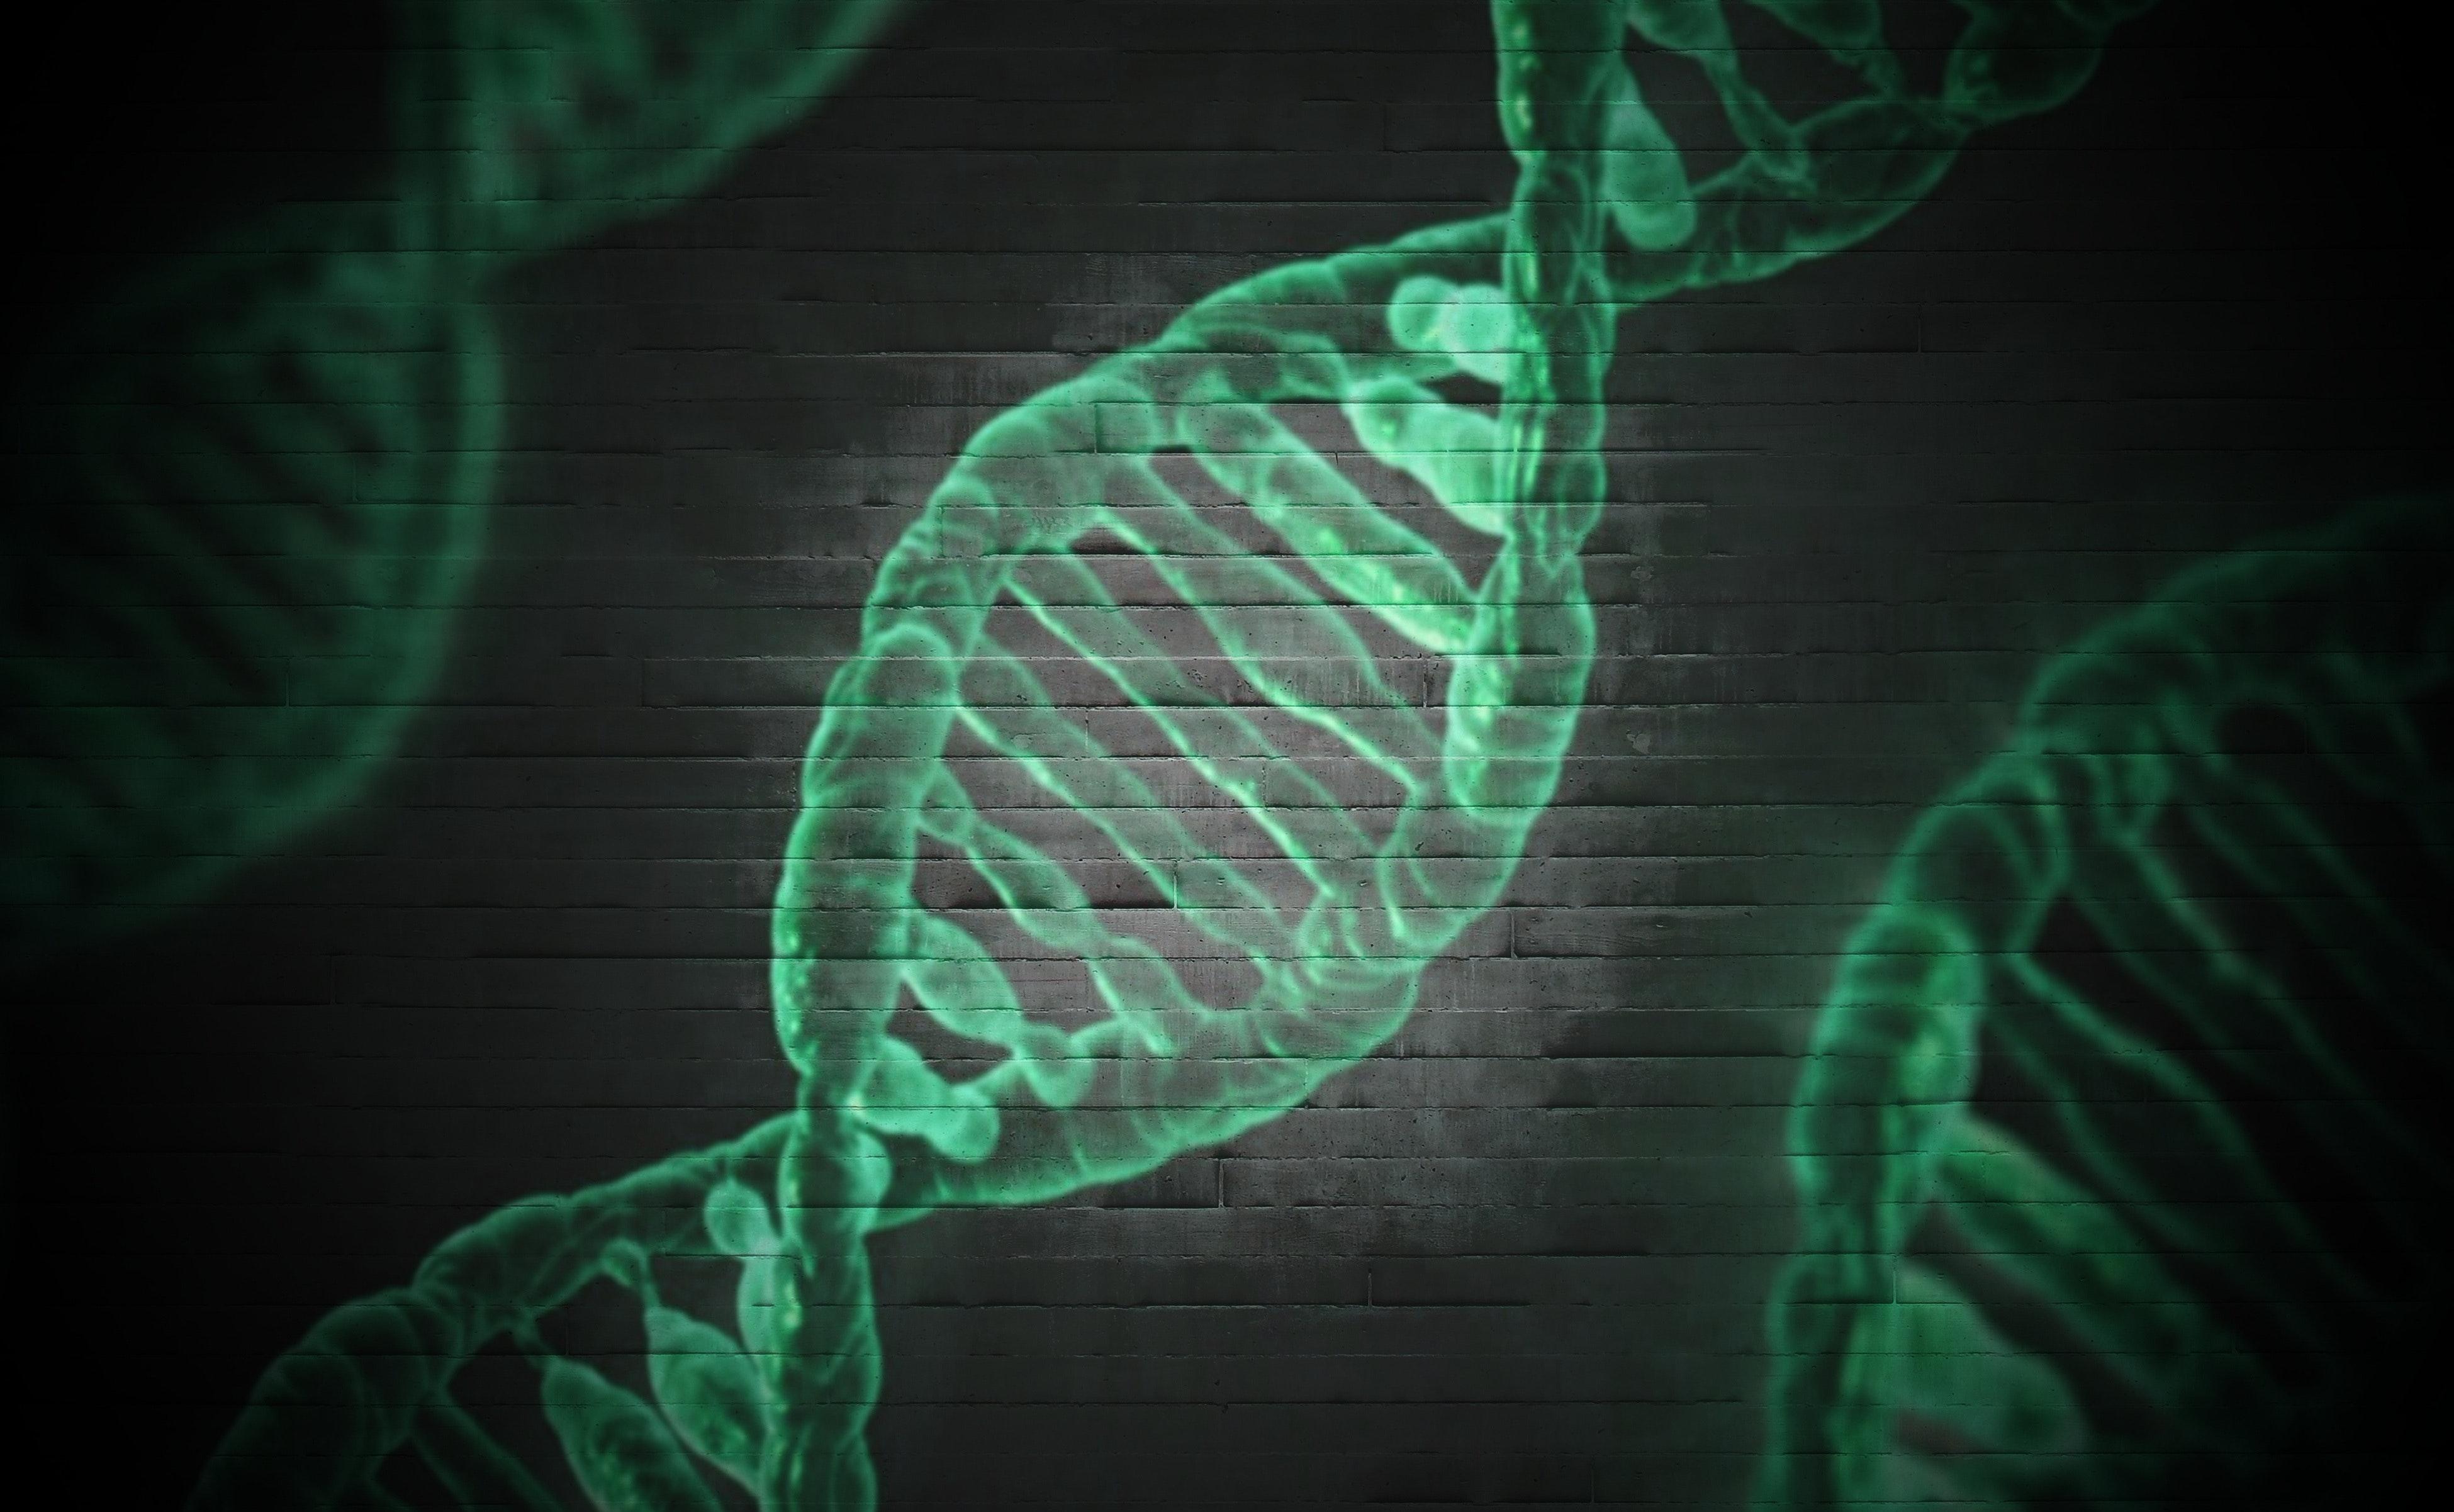 Dna genetischer code.2752df2e42711d5d6502e3a1197b9ac8f